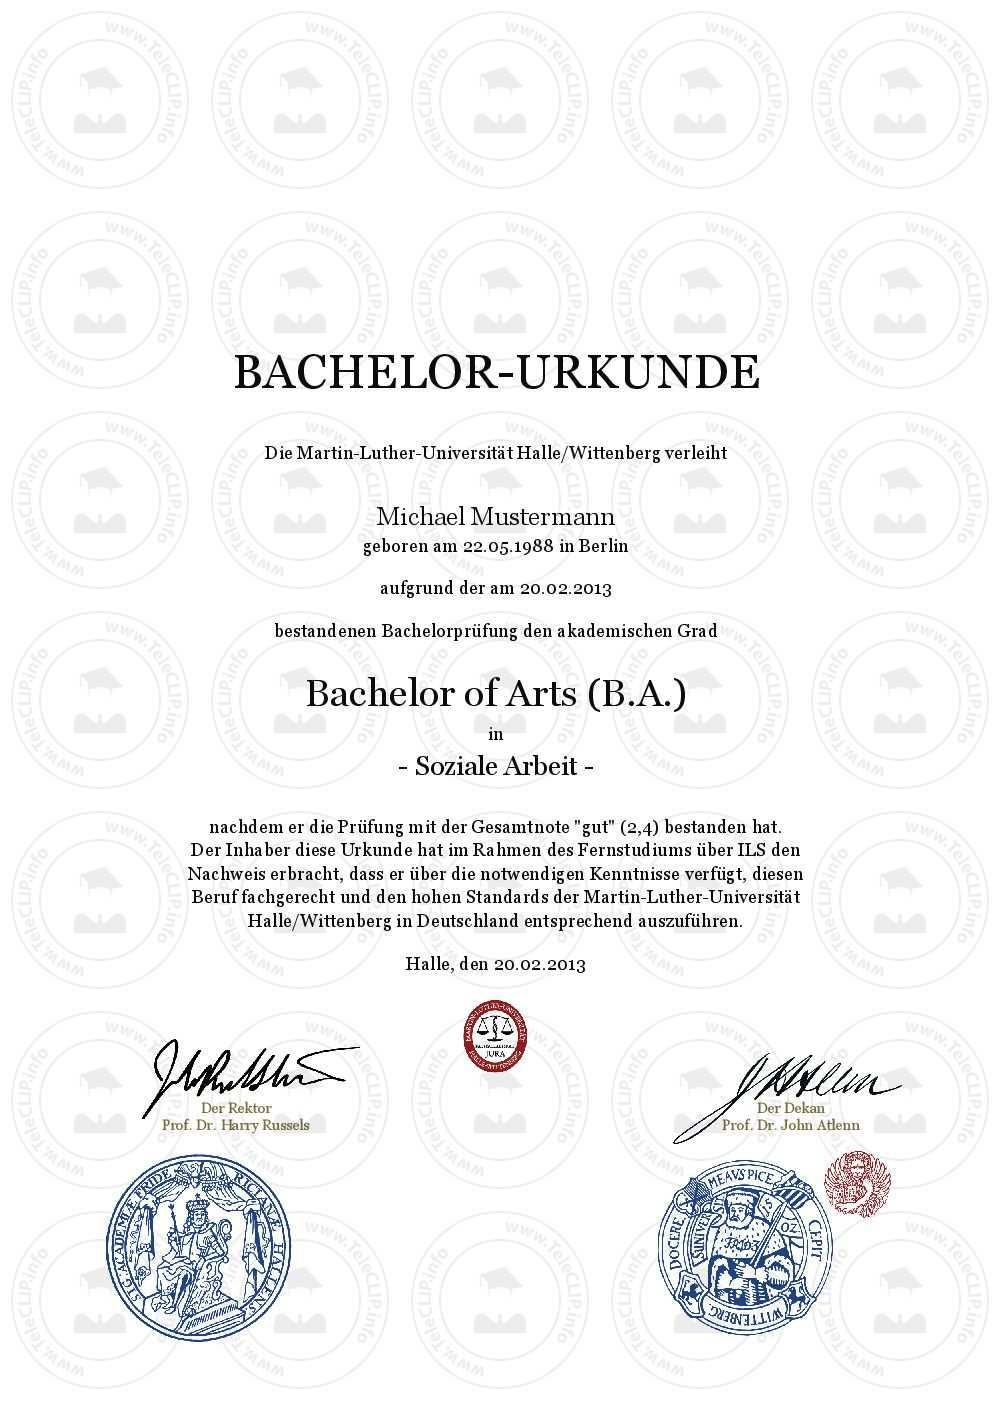 Bachelor Urkunde Kaufen Martin Luther Universitat Halle Aktuelle Vorlage Bachelor Urkunde Einfach Online Kaufen Martin Luthe Bachelor Meisterbrief Urkunde